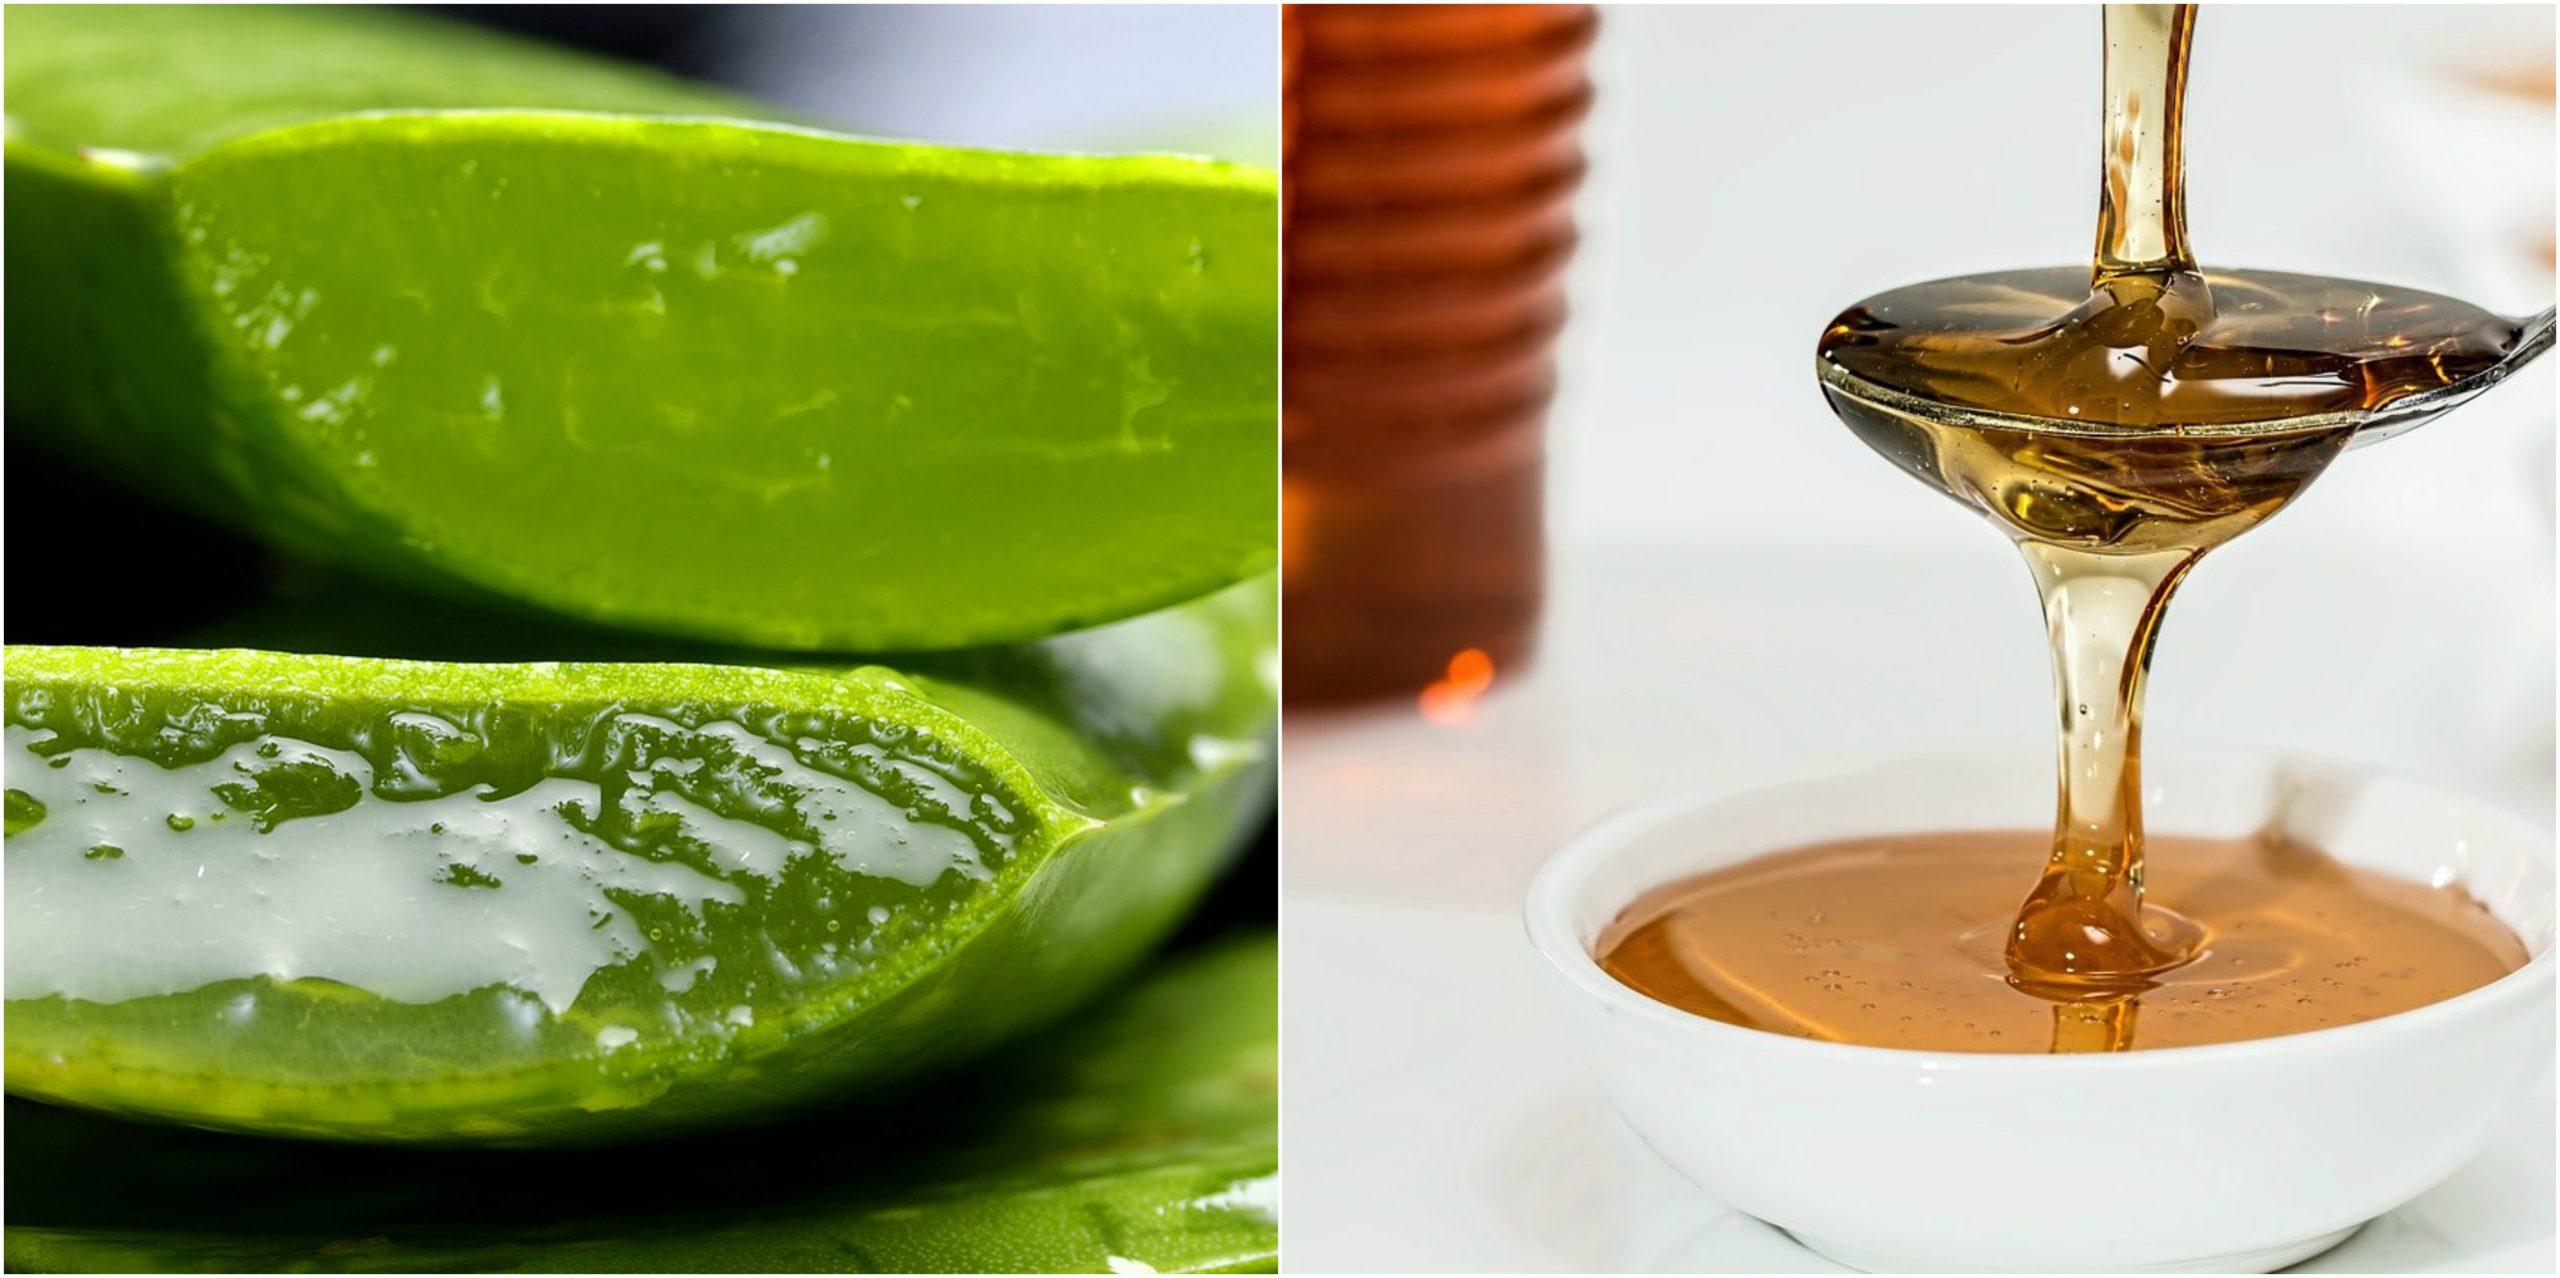 Những loại mỹ phẩm được chế tạo từ nhựa Nha đam để tạo ra những loại kem dưỡng da, do pH của gel nha đam gần giống với pH của da cho nên chúng làm cho da tươi tắn và điều hòa được độ axít của da. Mật ong là một sản phẩm thuần khiết không cho phép thêm bất kỳ chất gì vào...bao gồm nhưng không giới hạn trong, nước và các chất ngọt khác